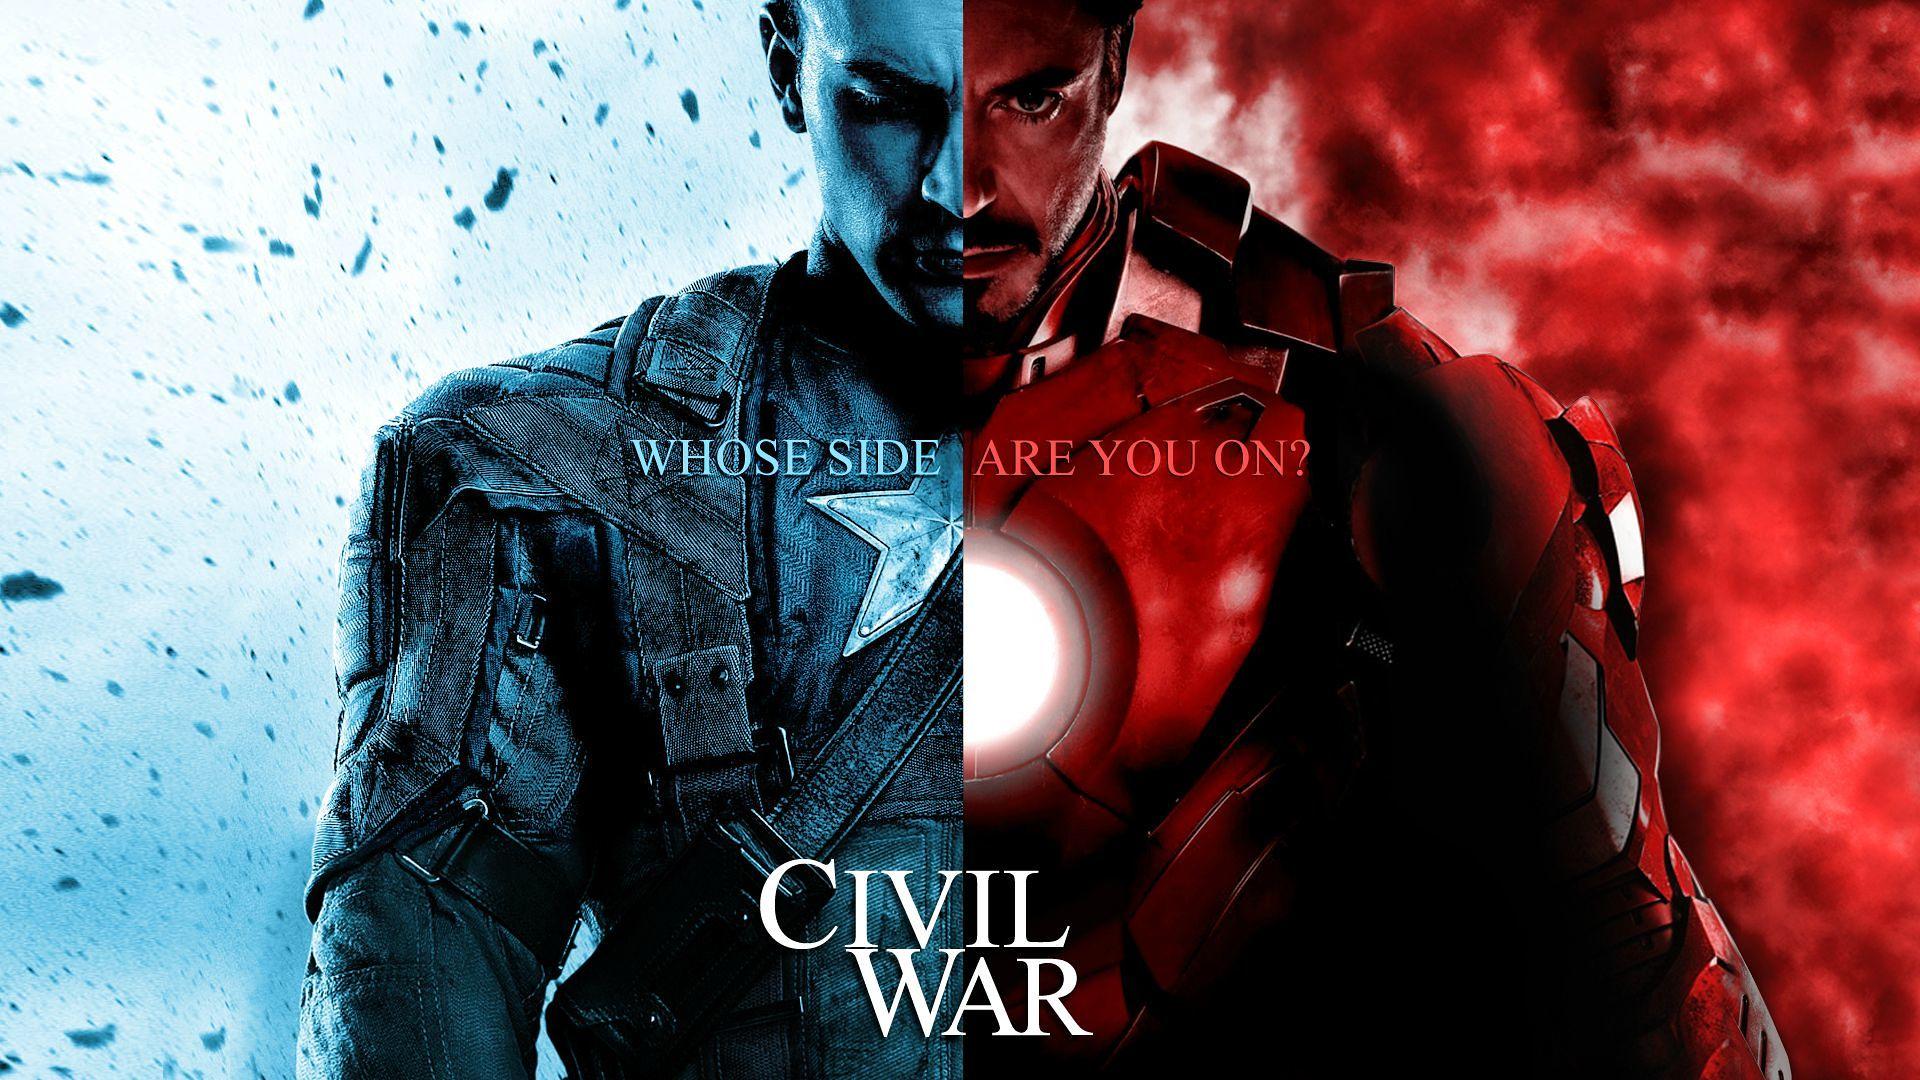 'Captain America: Civil War' surpasses $1 billion mark worldwide